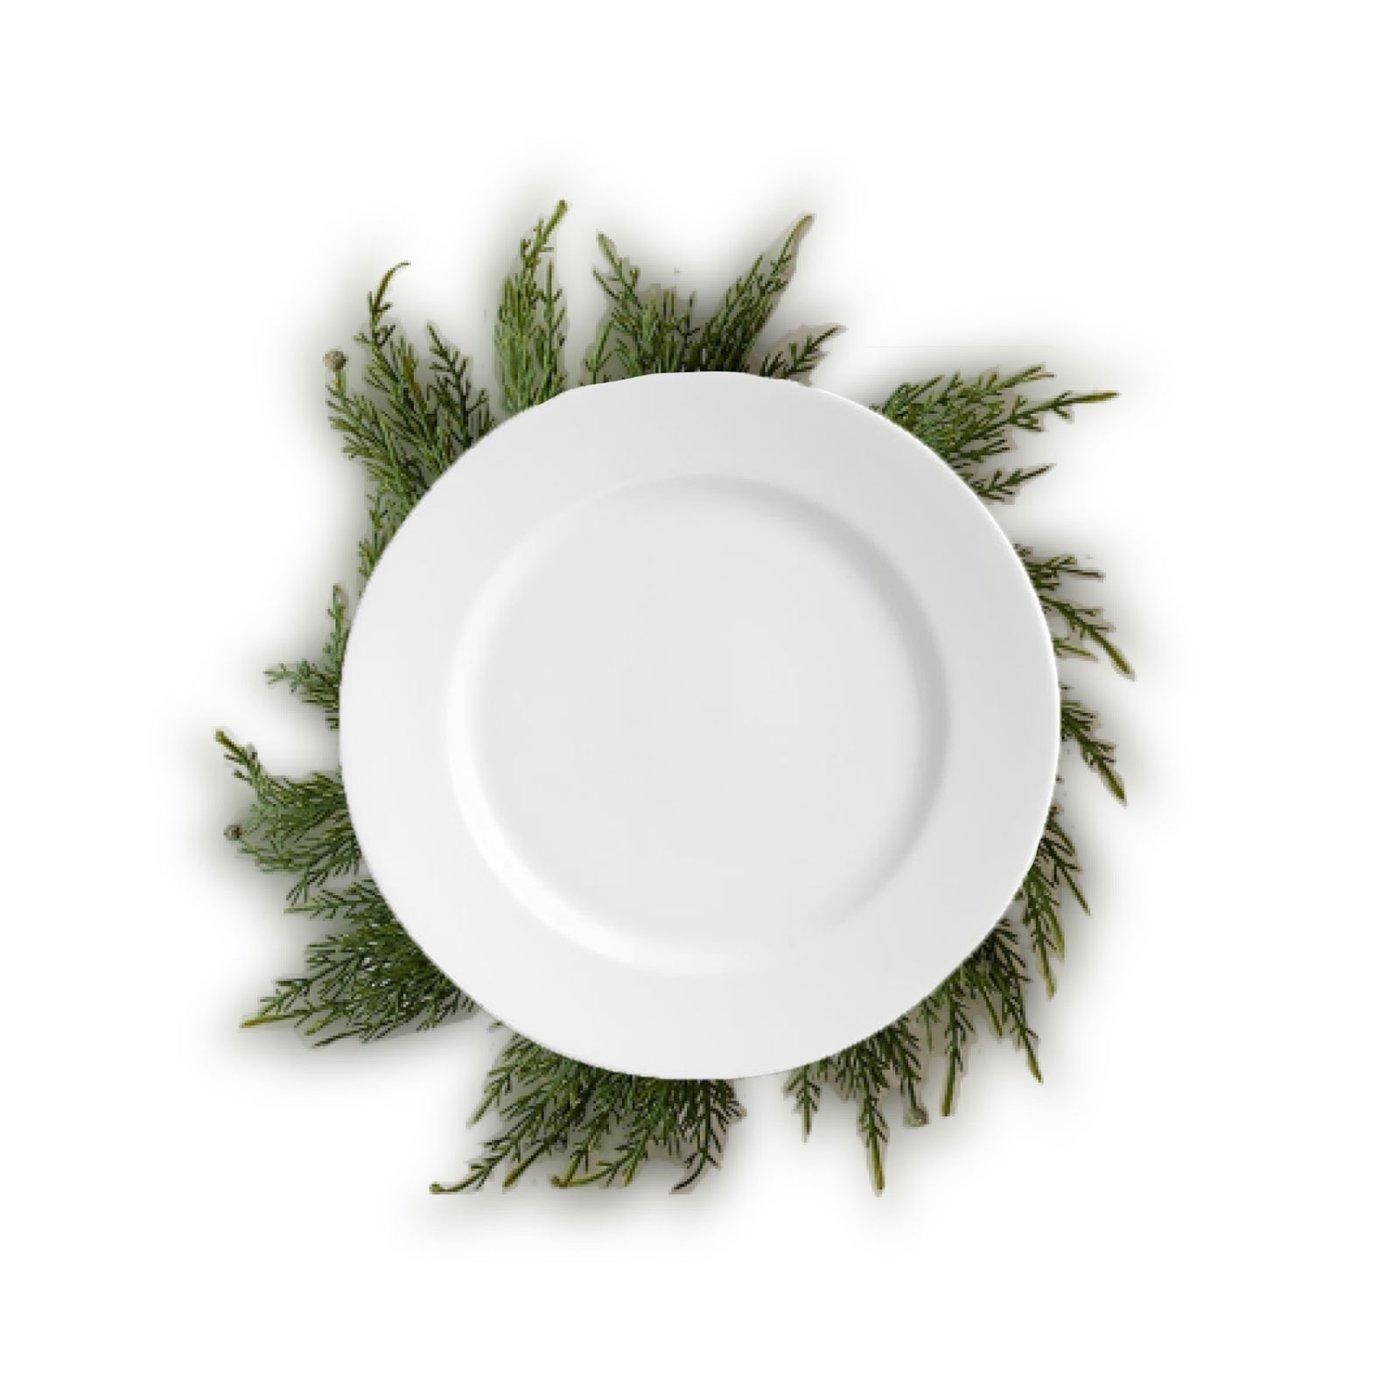 Cedar-Wreath-Charger